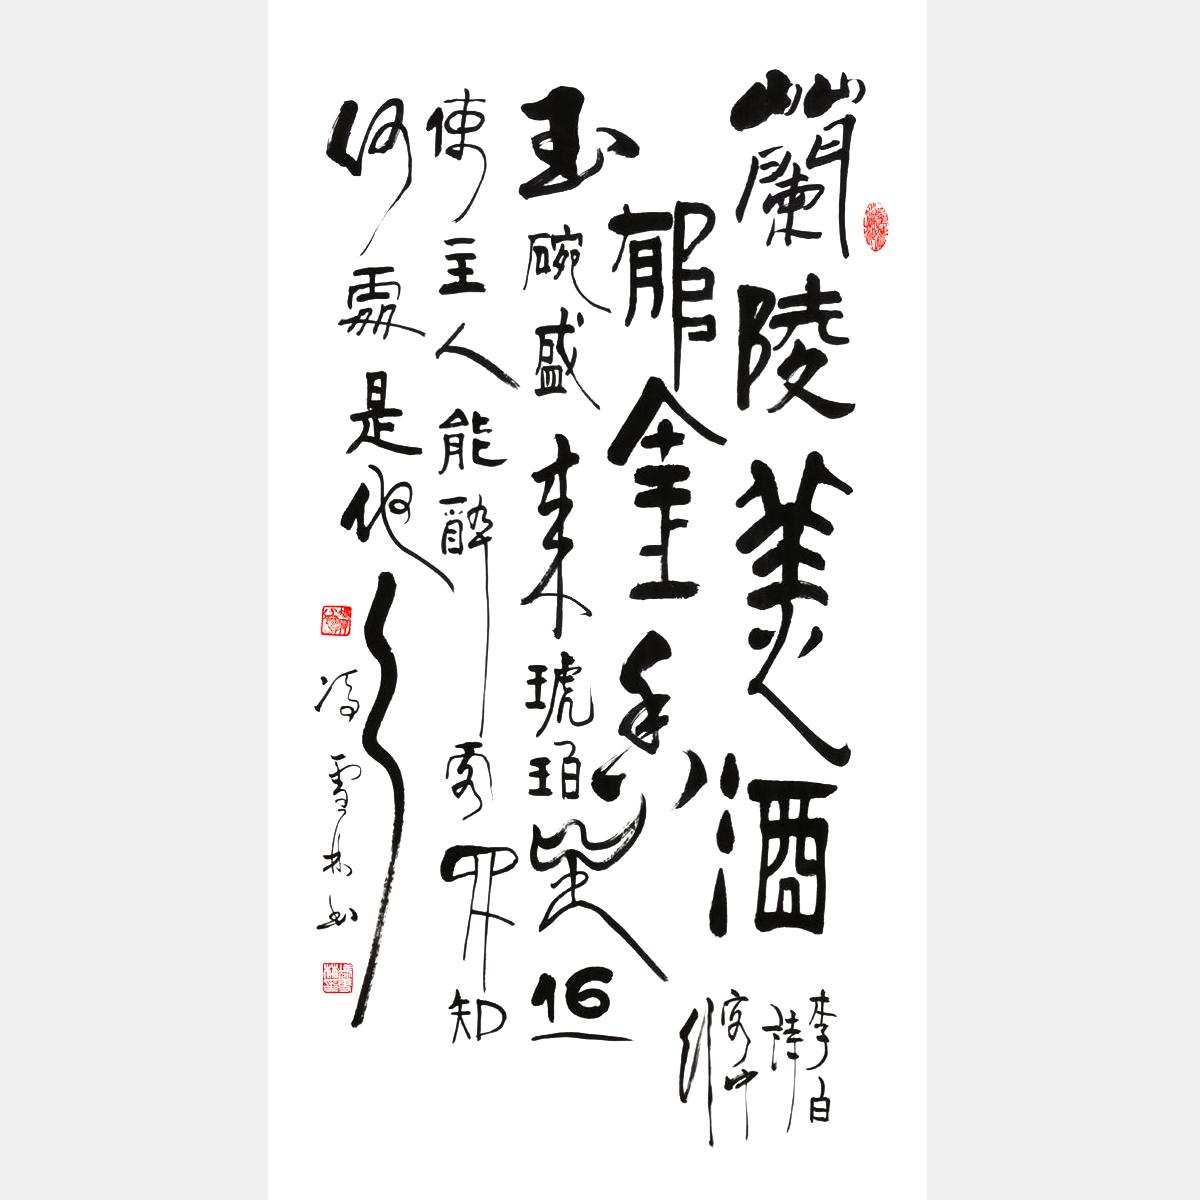 冯雪林书法艺术 李白名篇《客中行》  兰陵美酒